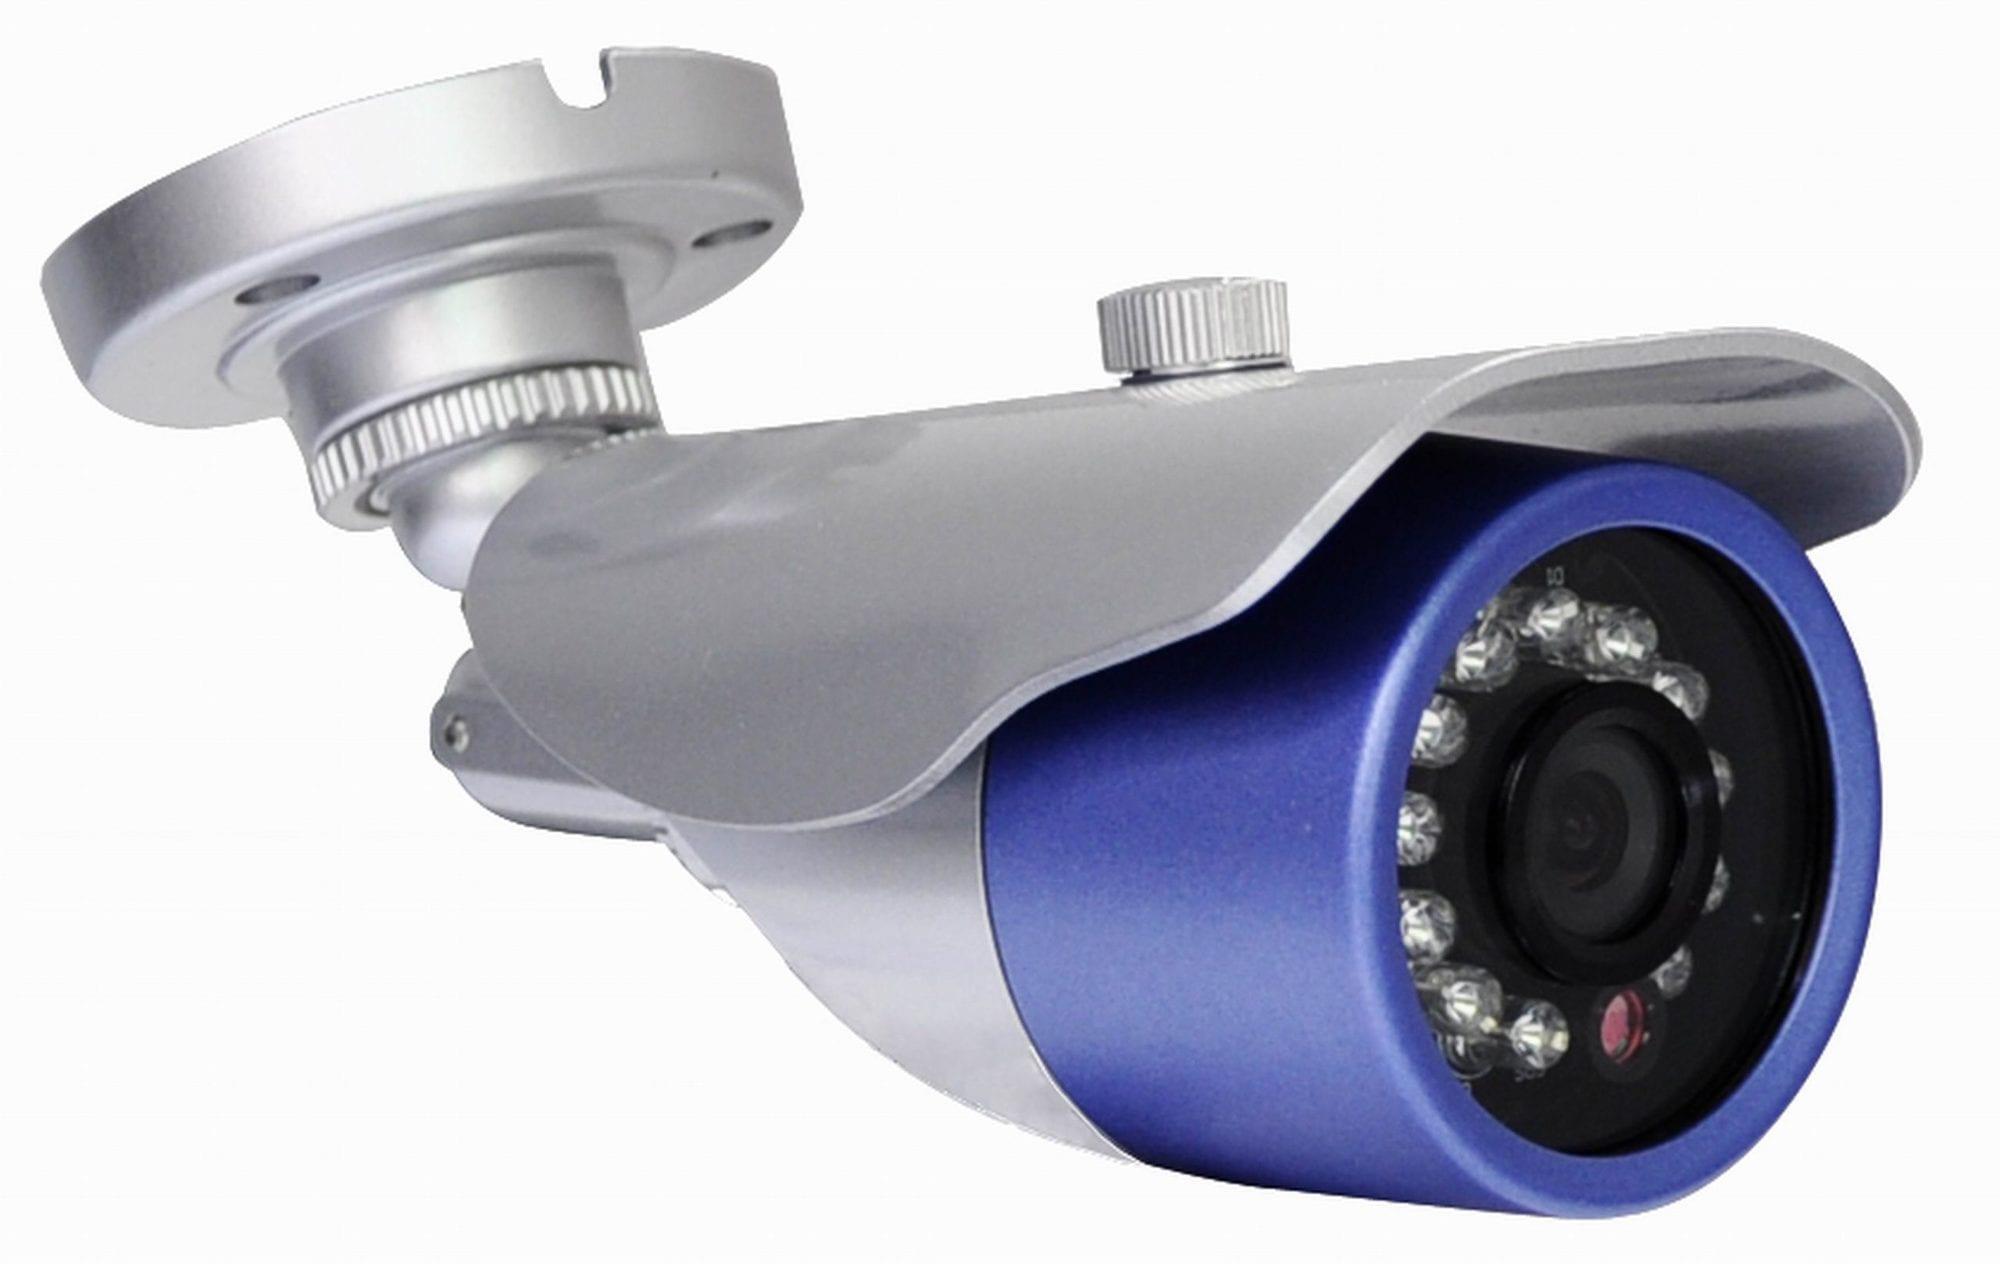 كاميرات المراقبة كيف تعمل